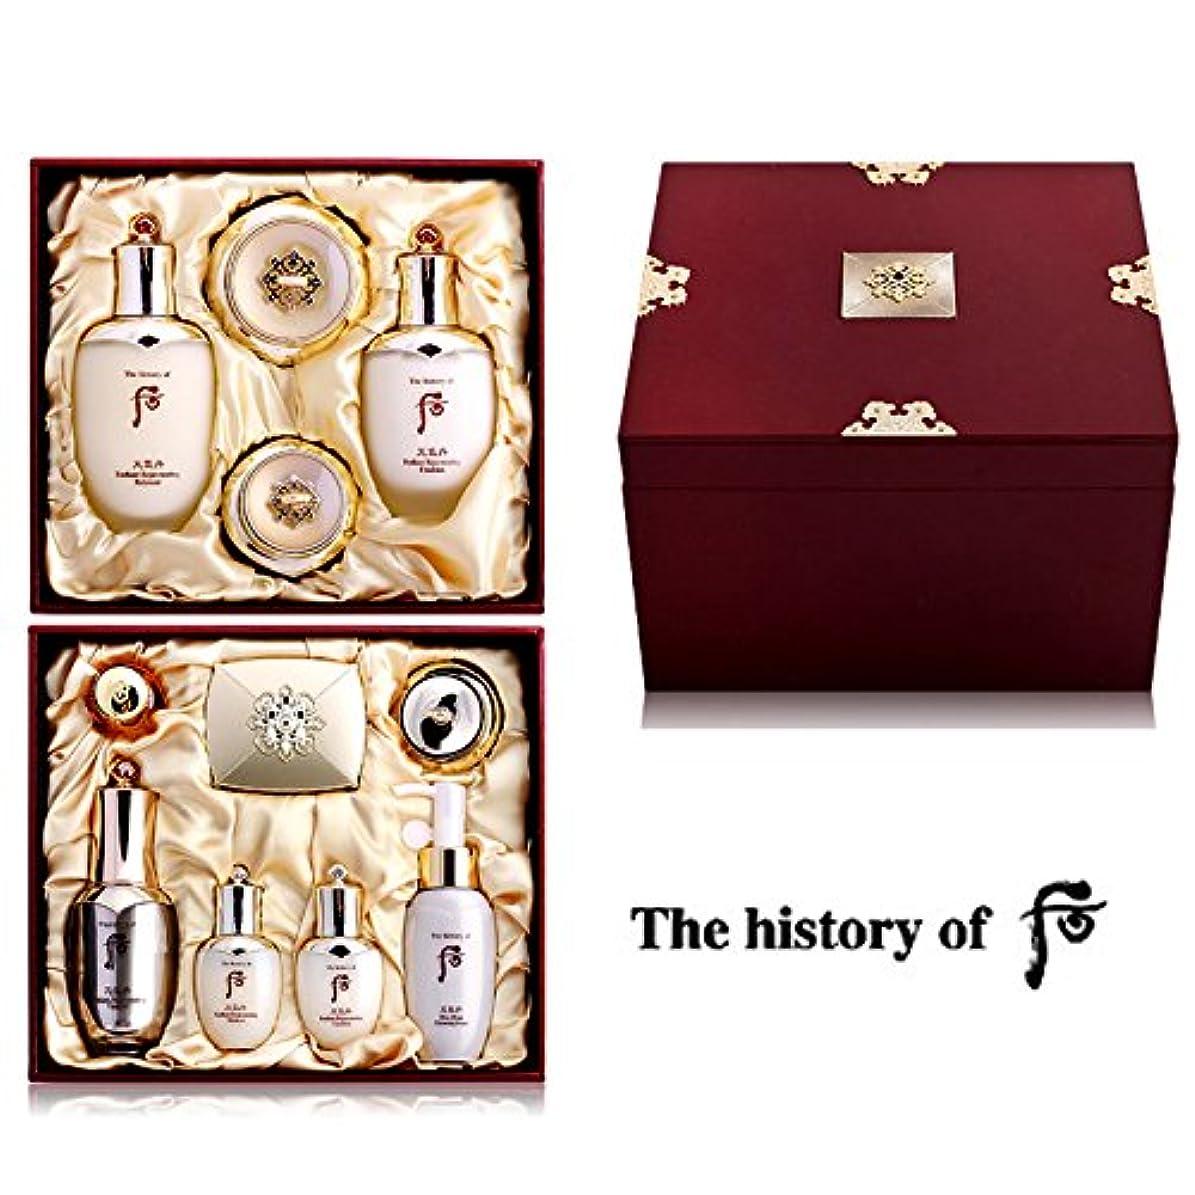 通行料金とげ統合【フー/The history of whoo] 天気丹 王侯(チョンギダン ワンフ) セット/Chonghi Dan Queen Special Set+[Sample Gift](海外直送品)